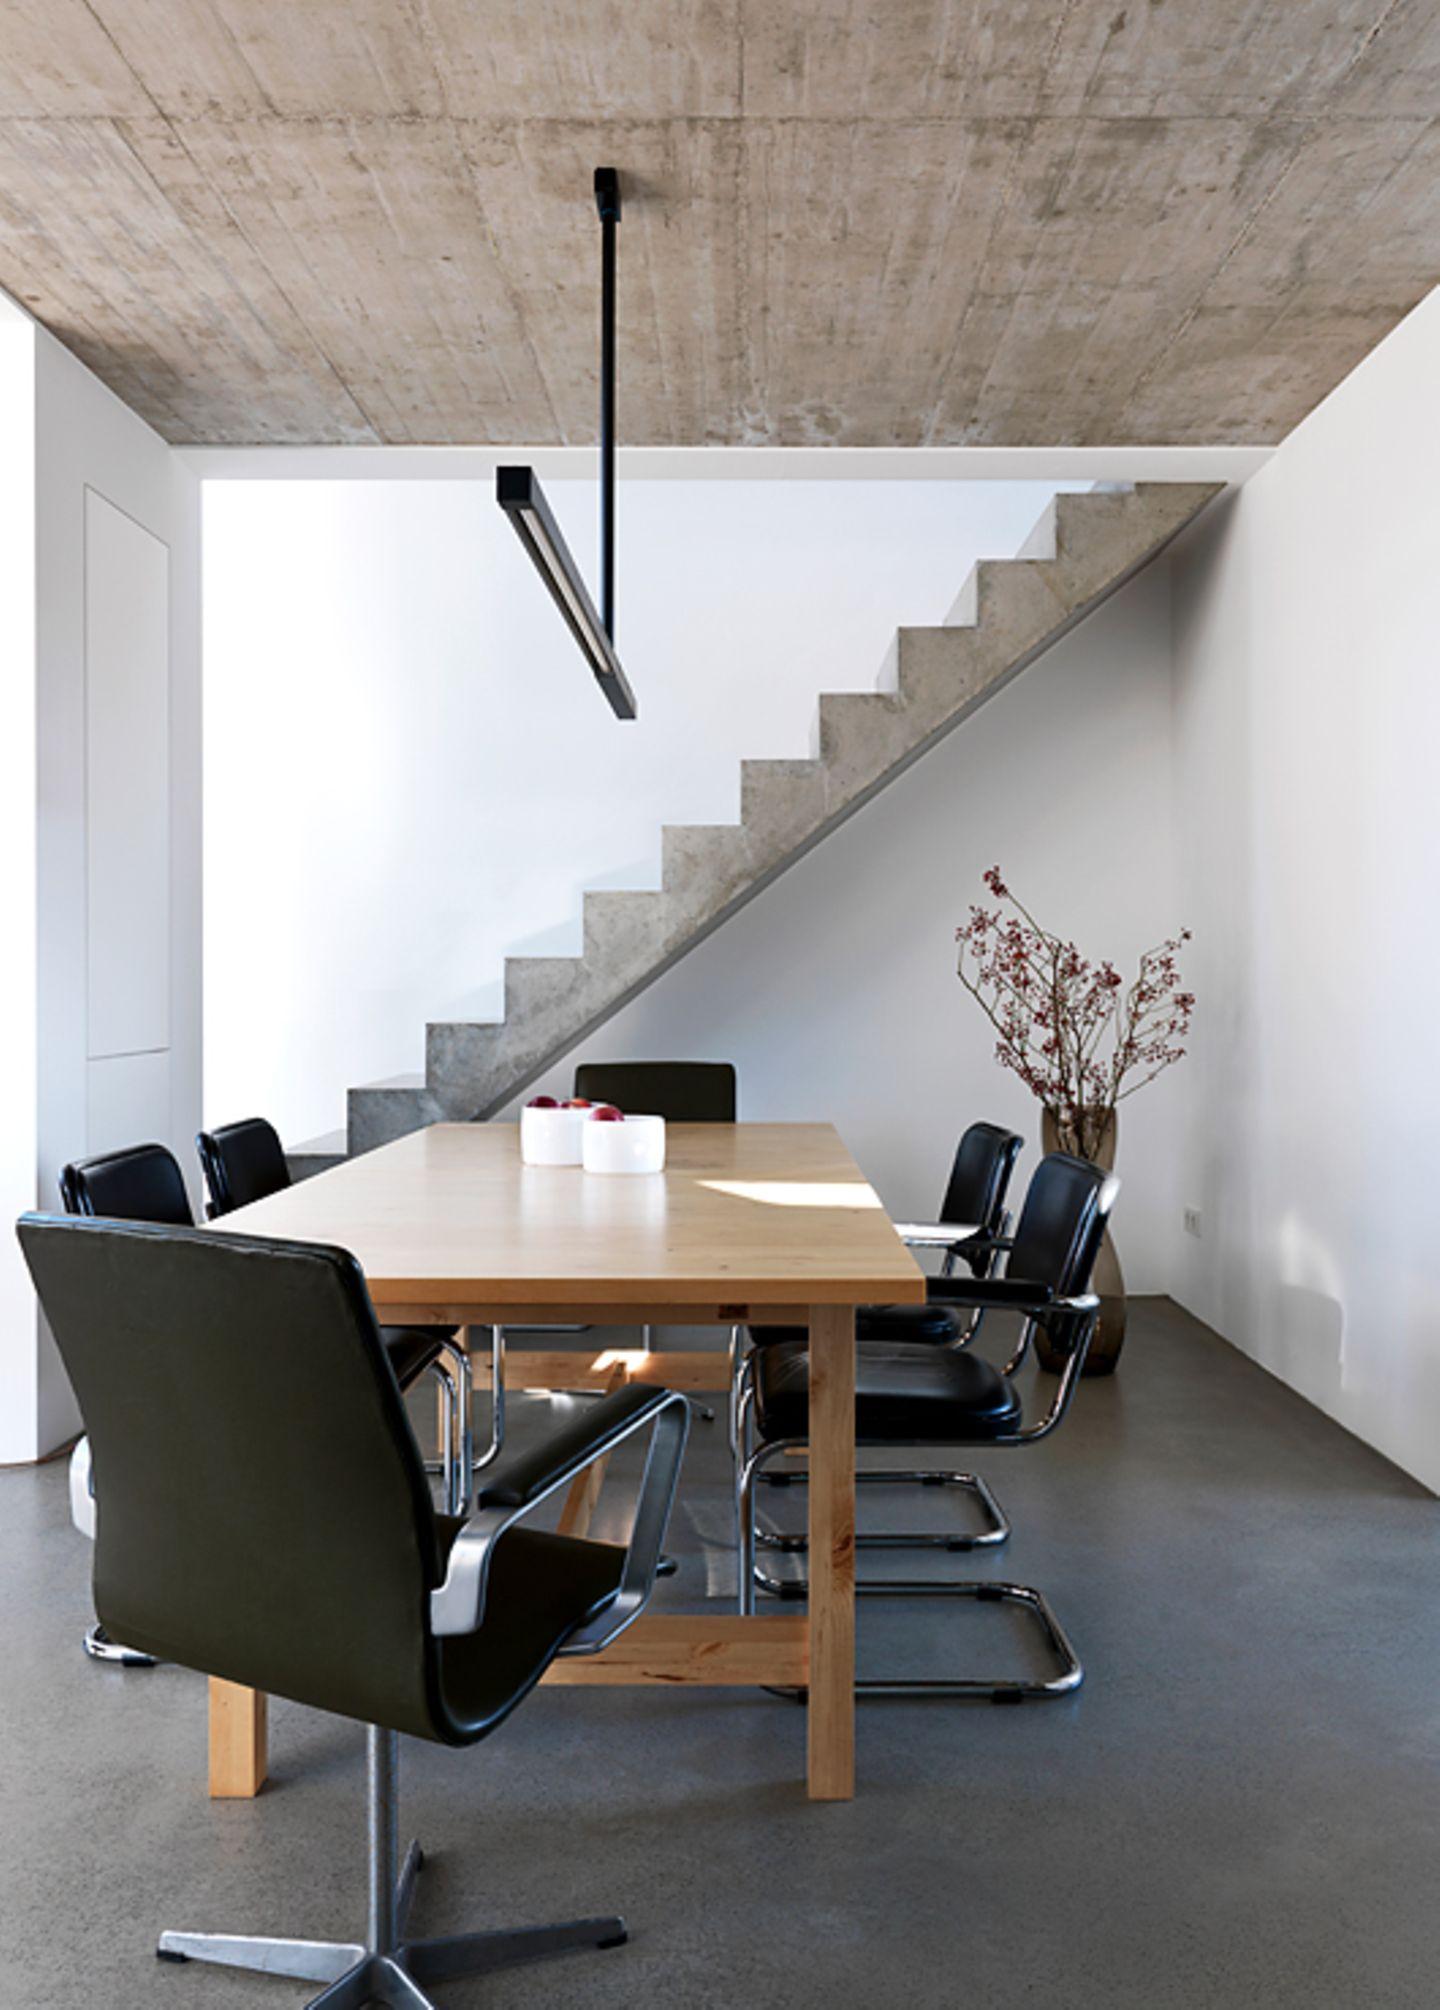 Treppe definiert Formsprache im Raum